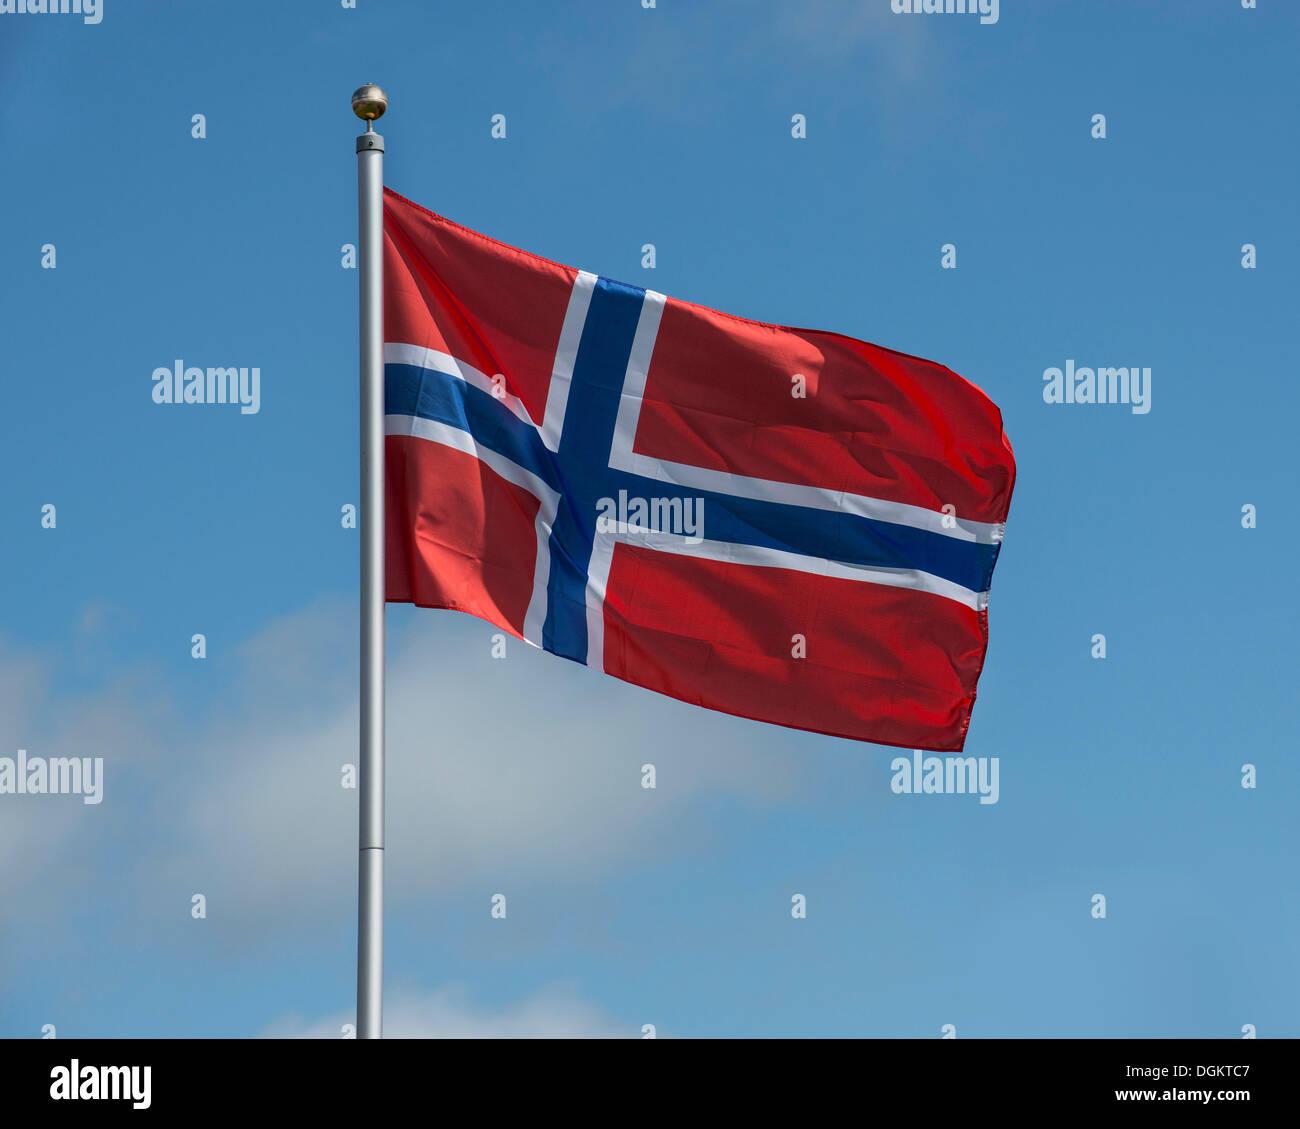 Norwegian national flag - Stock Image